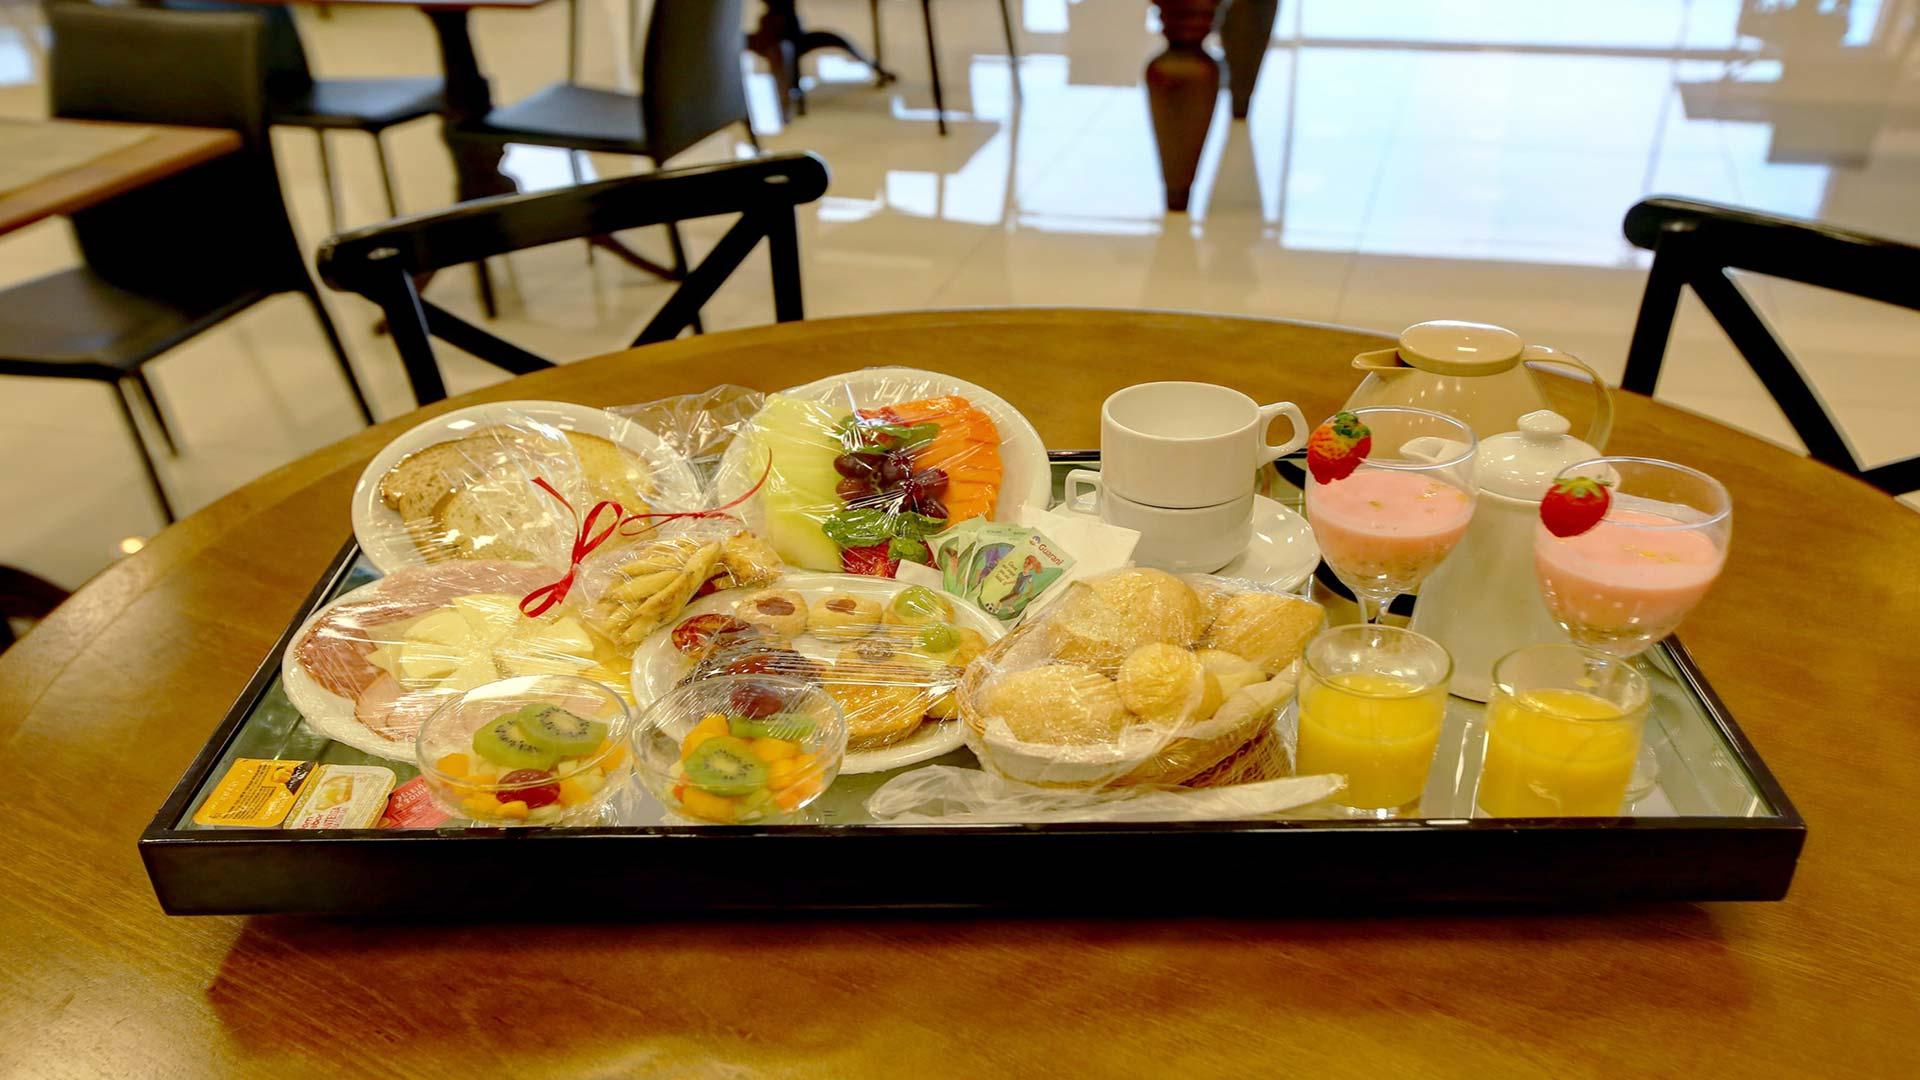 Advanced Cuiaba Cafe da manha 477